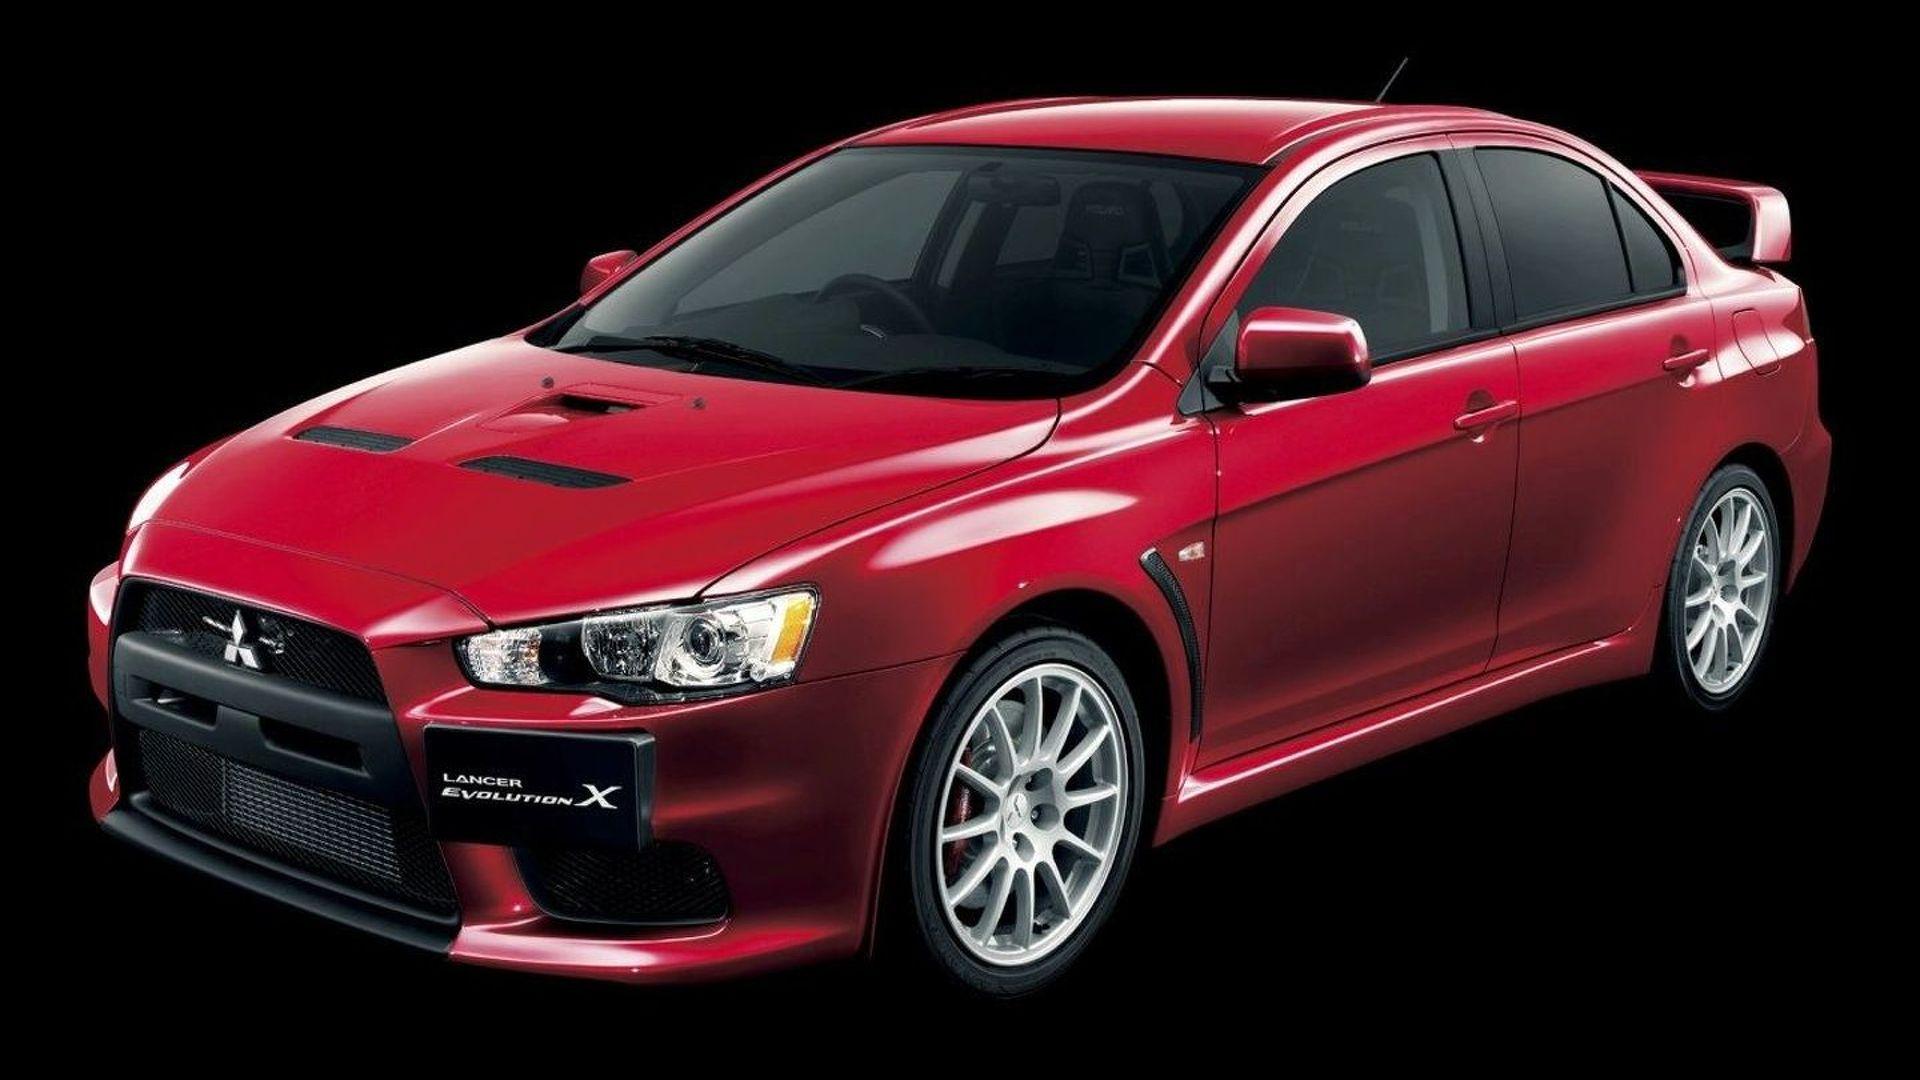 Mitsubishi Lancer Evolution X Launched (JA)